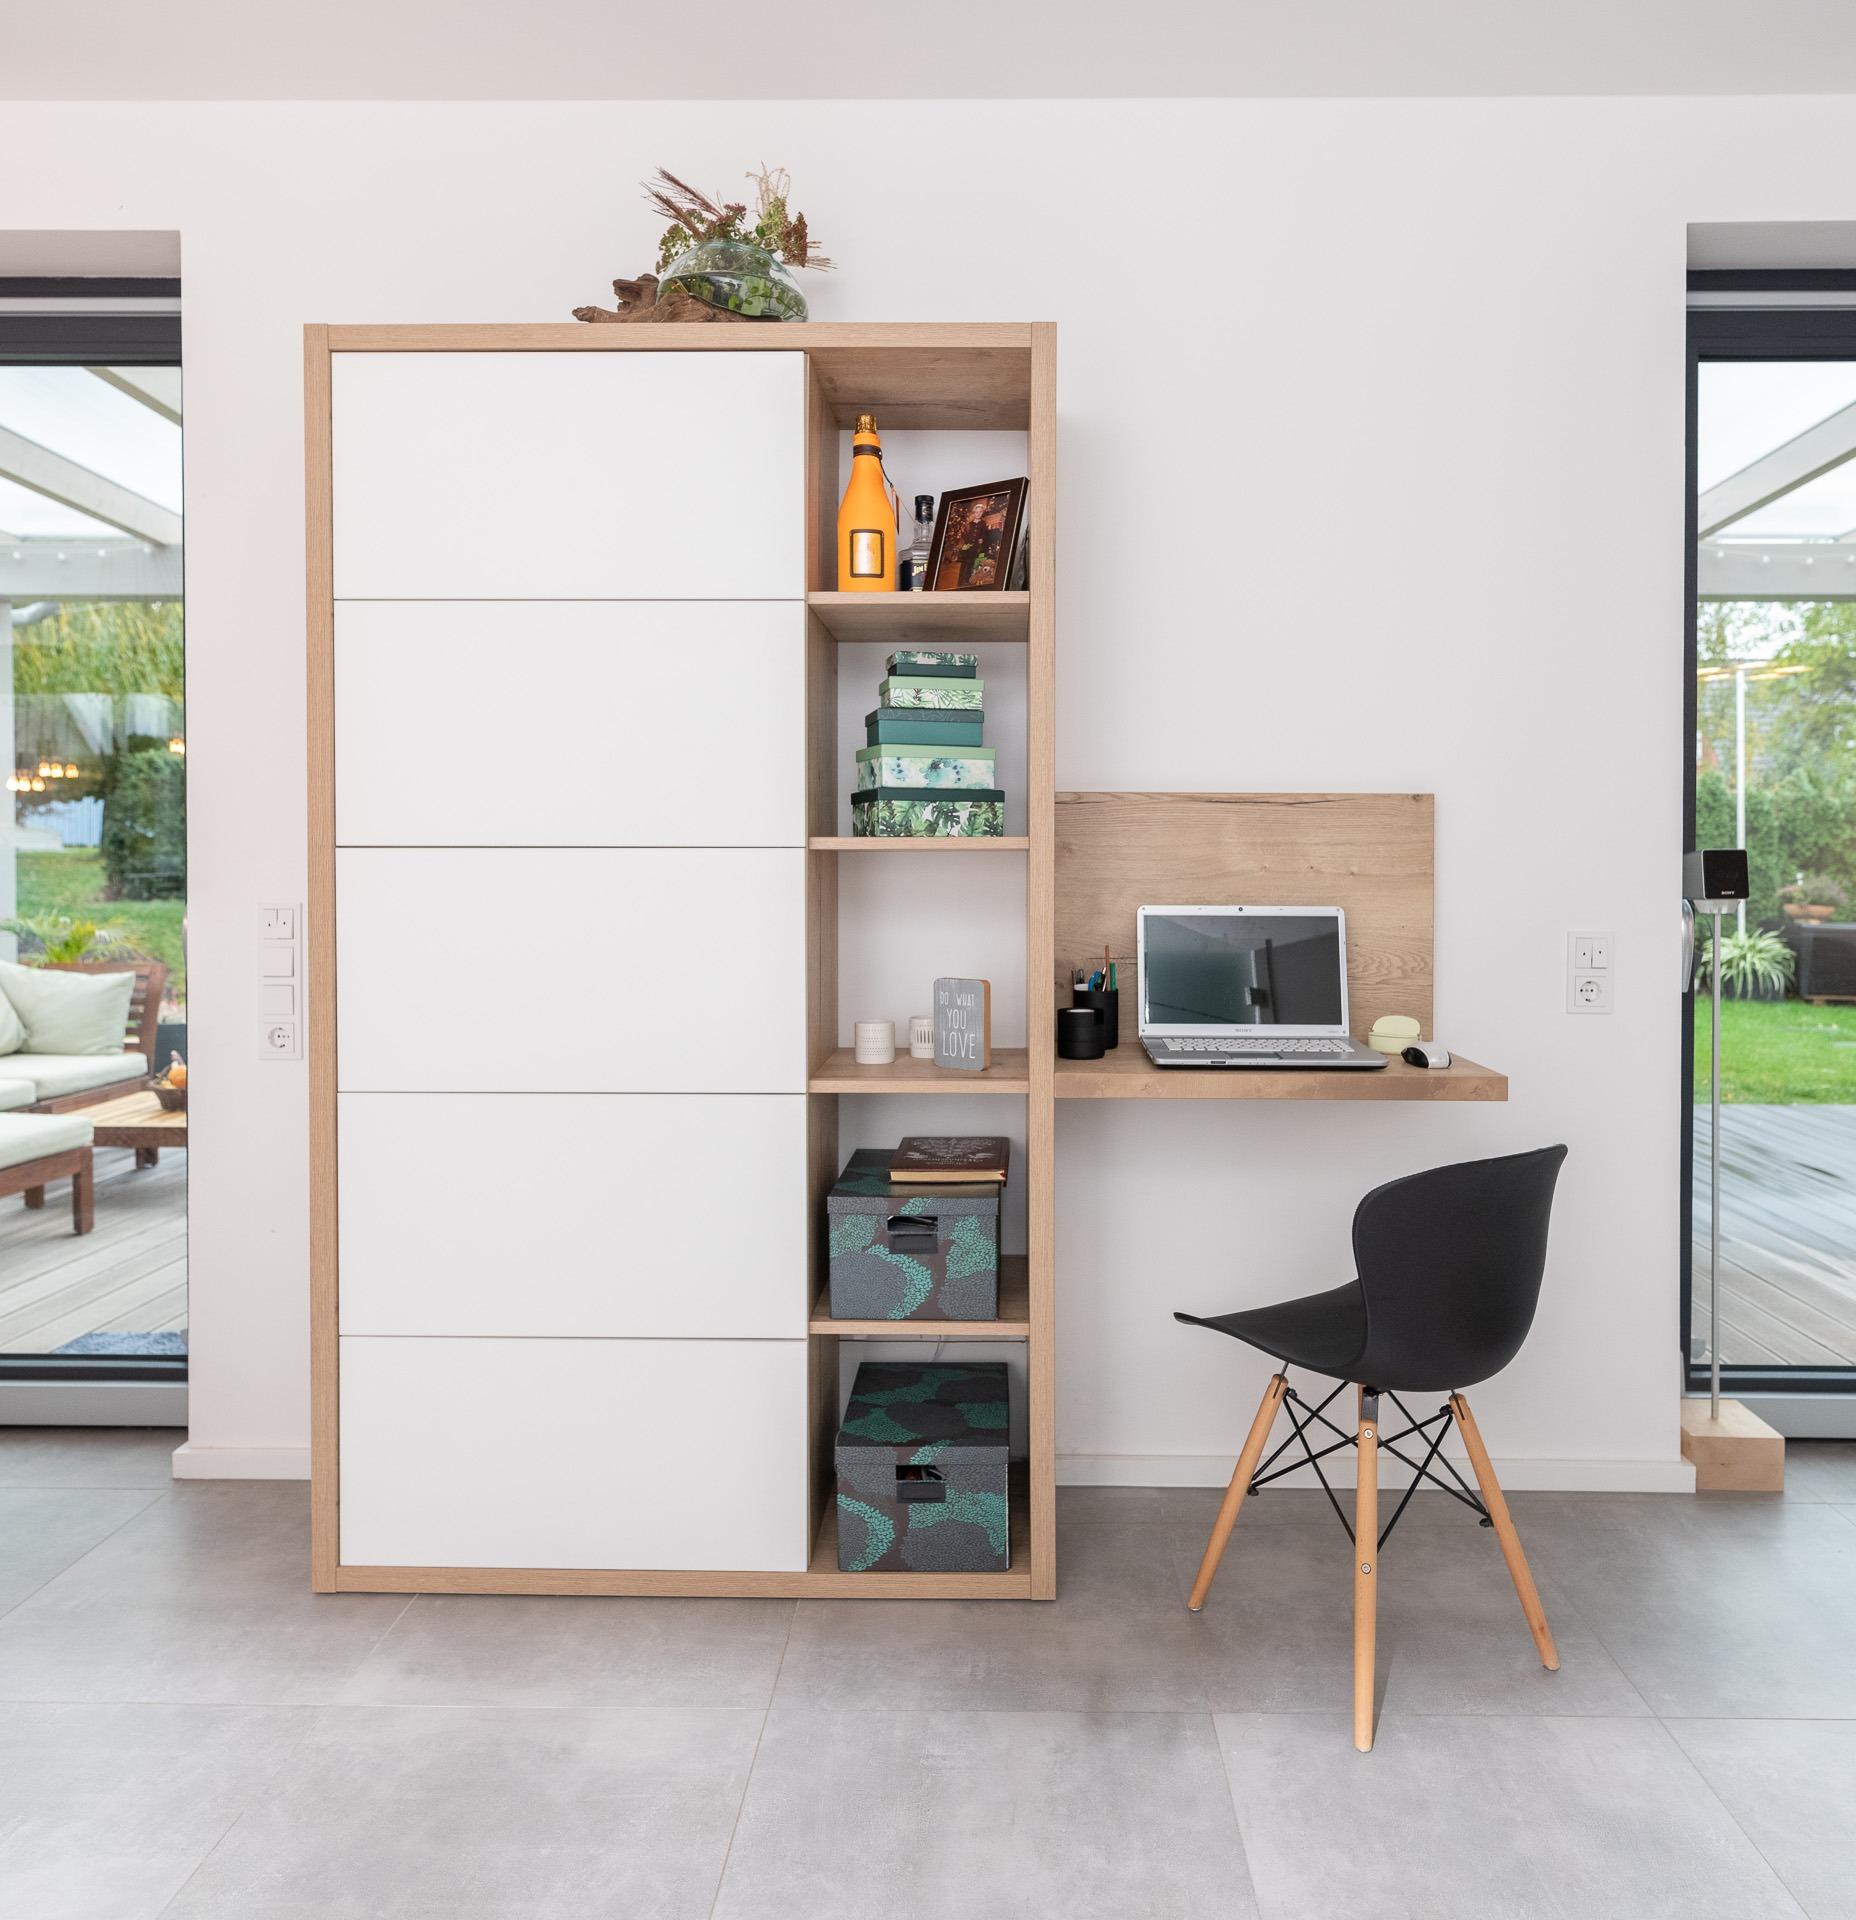 Wohnmöbel trifft Büro – Wohn-/Bürokombination für den dezenten Arbeitsplatz zu Hause, Eiche Hallifax Natur, Dekorplatte und Premium Weiß